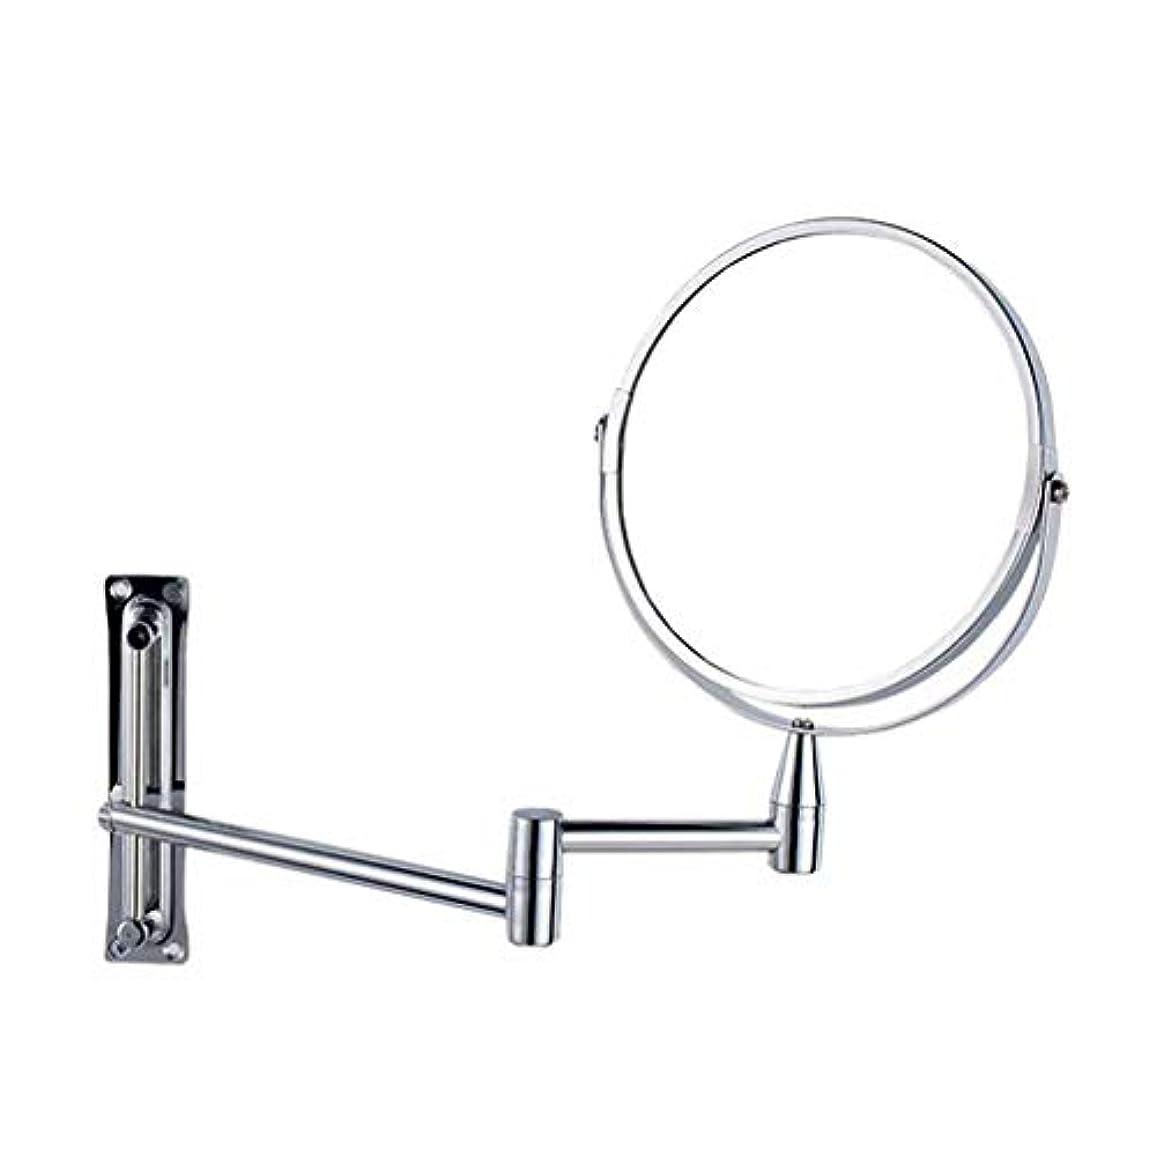 睡眠日役に立たないACMEDE 両面化粧鏡 壁付け 折りたたみ 5倍拡大鏡+等倍 360度回転 伸縮可能 壁付けミラー 洋式アームミラー メイク道具 洗面所に取り付け